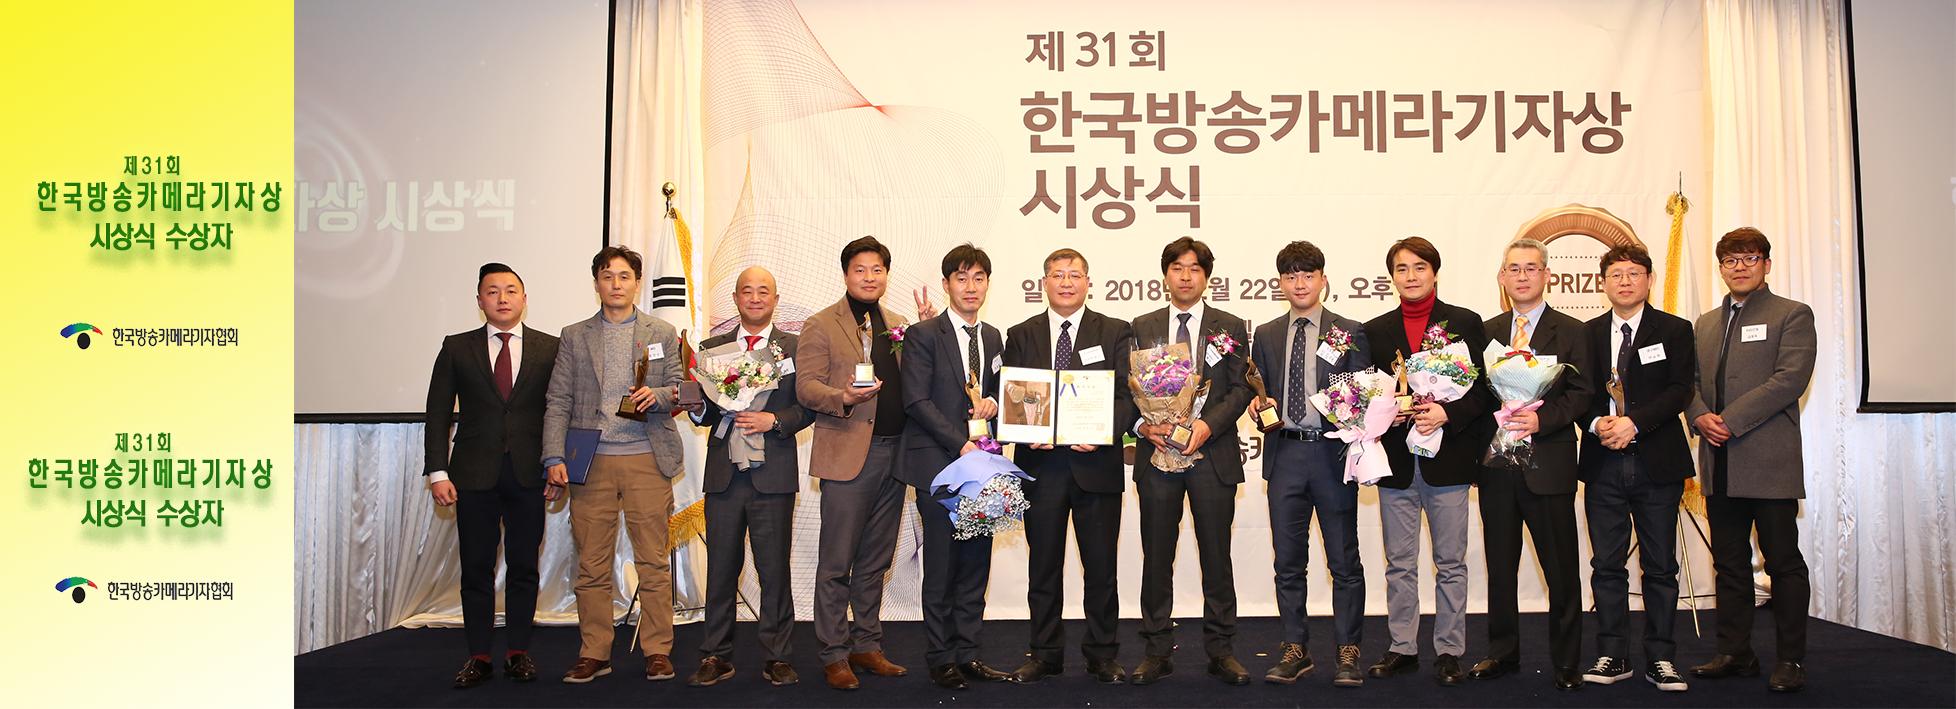 한국방송카메라기자상 수상자